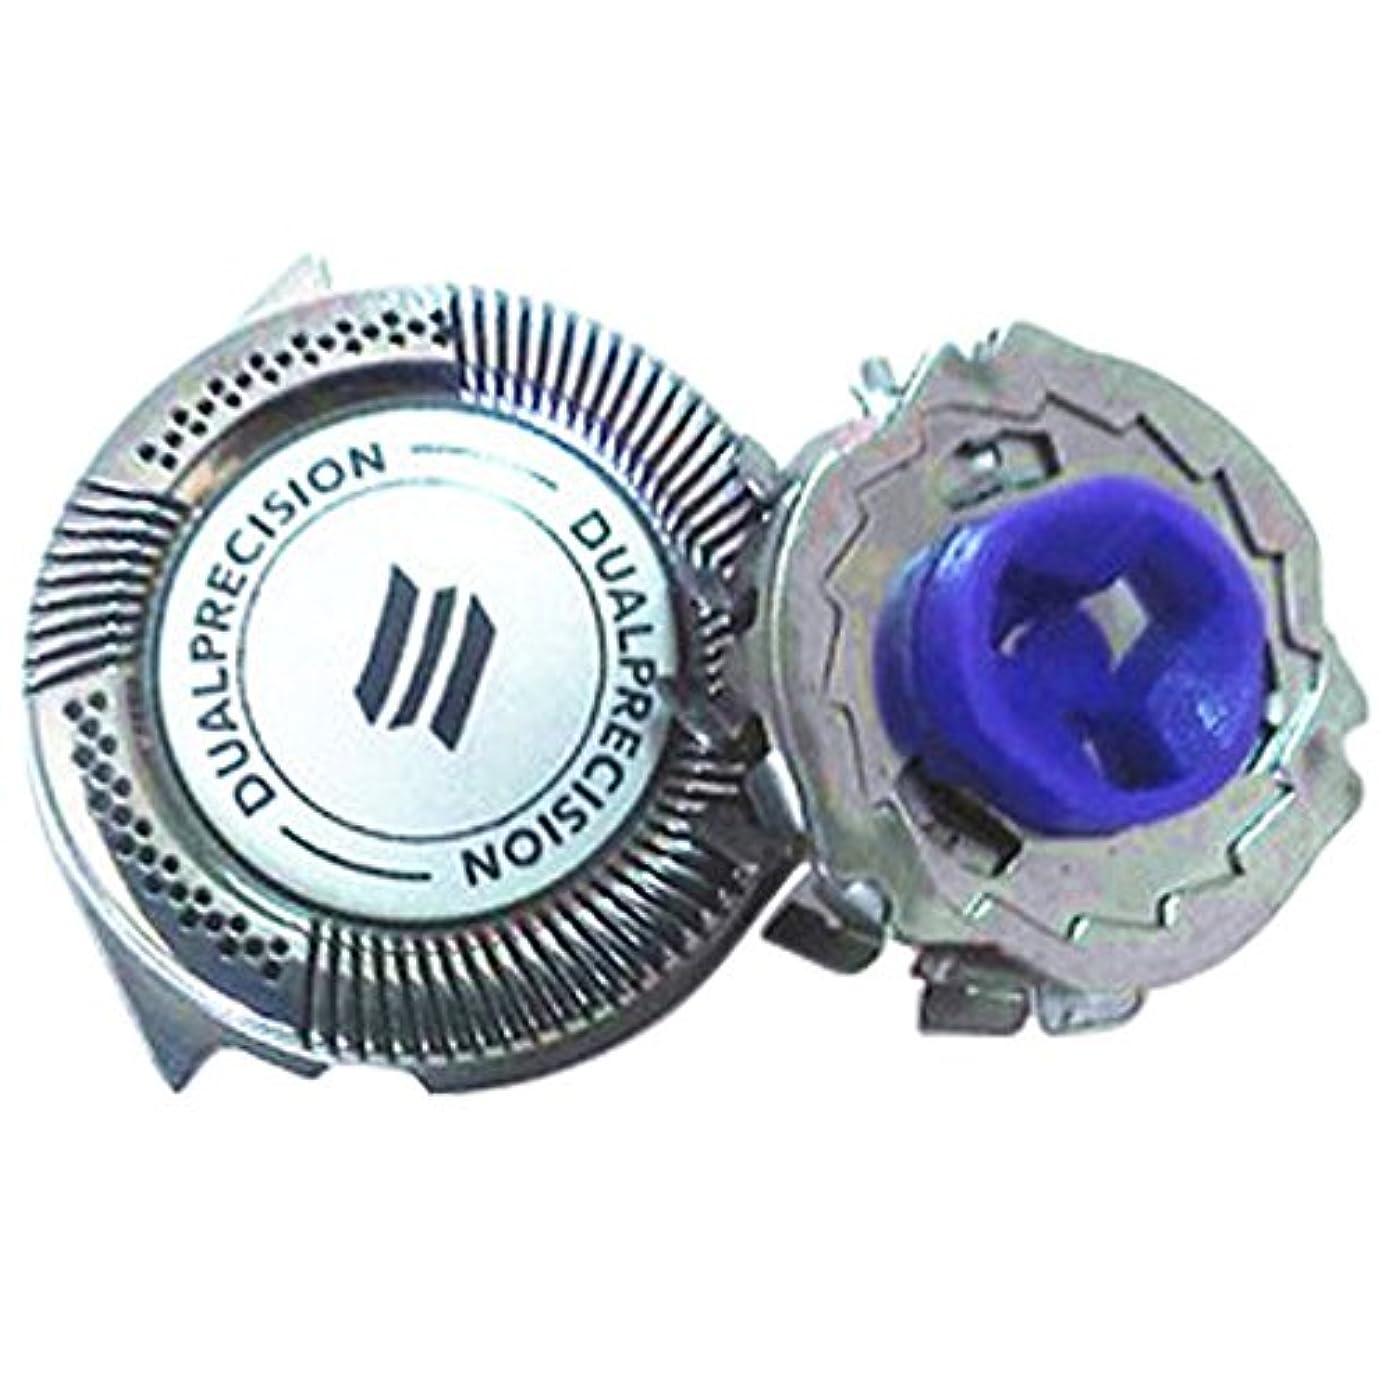 滅びる花文明Hzjundasi 置換 シェーバー かみそり 頭 刃 for Philips HQ7310 PT720 PT725 HQ7140 HQ7390